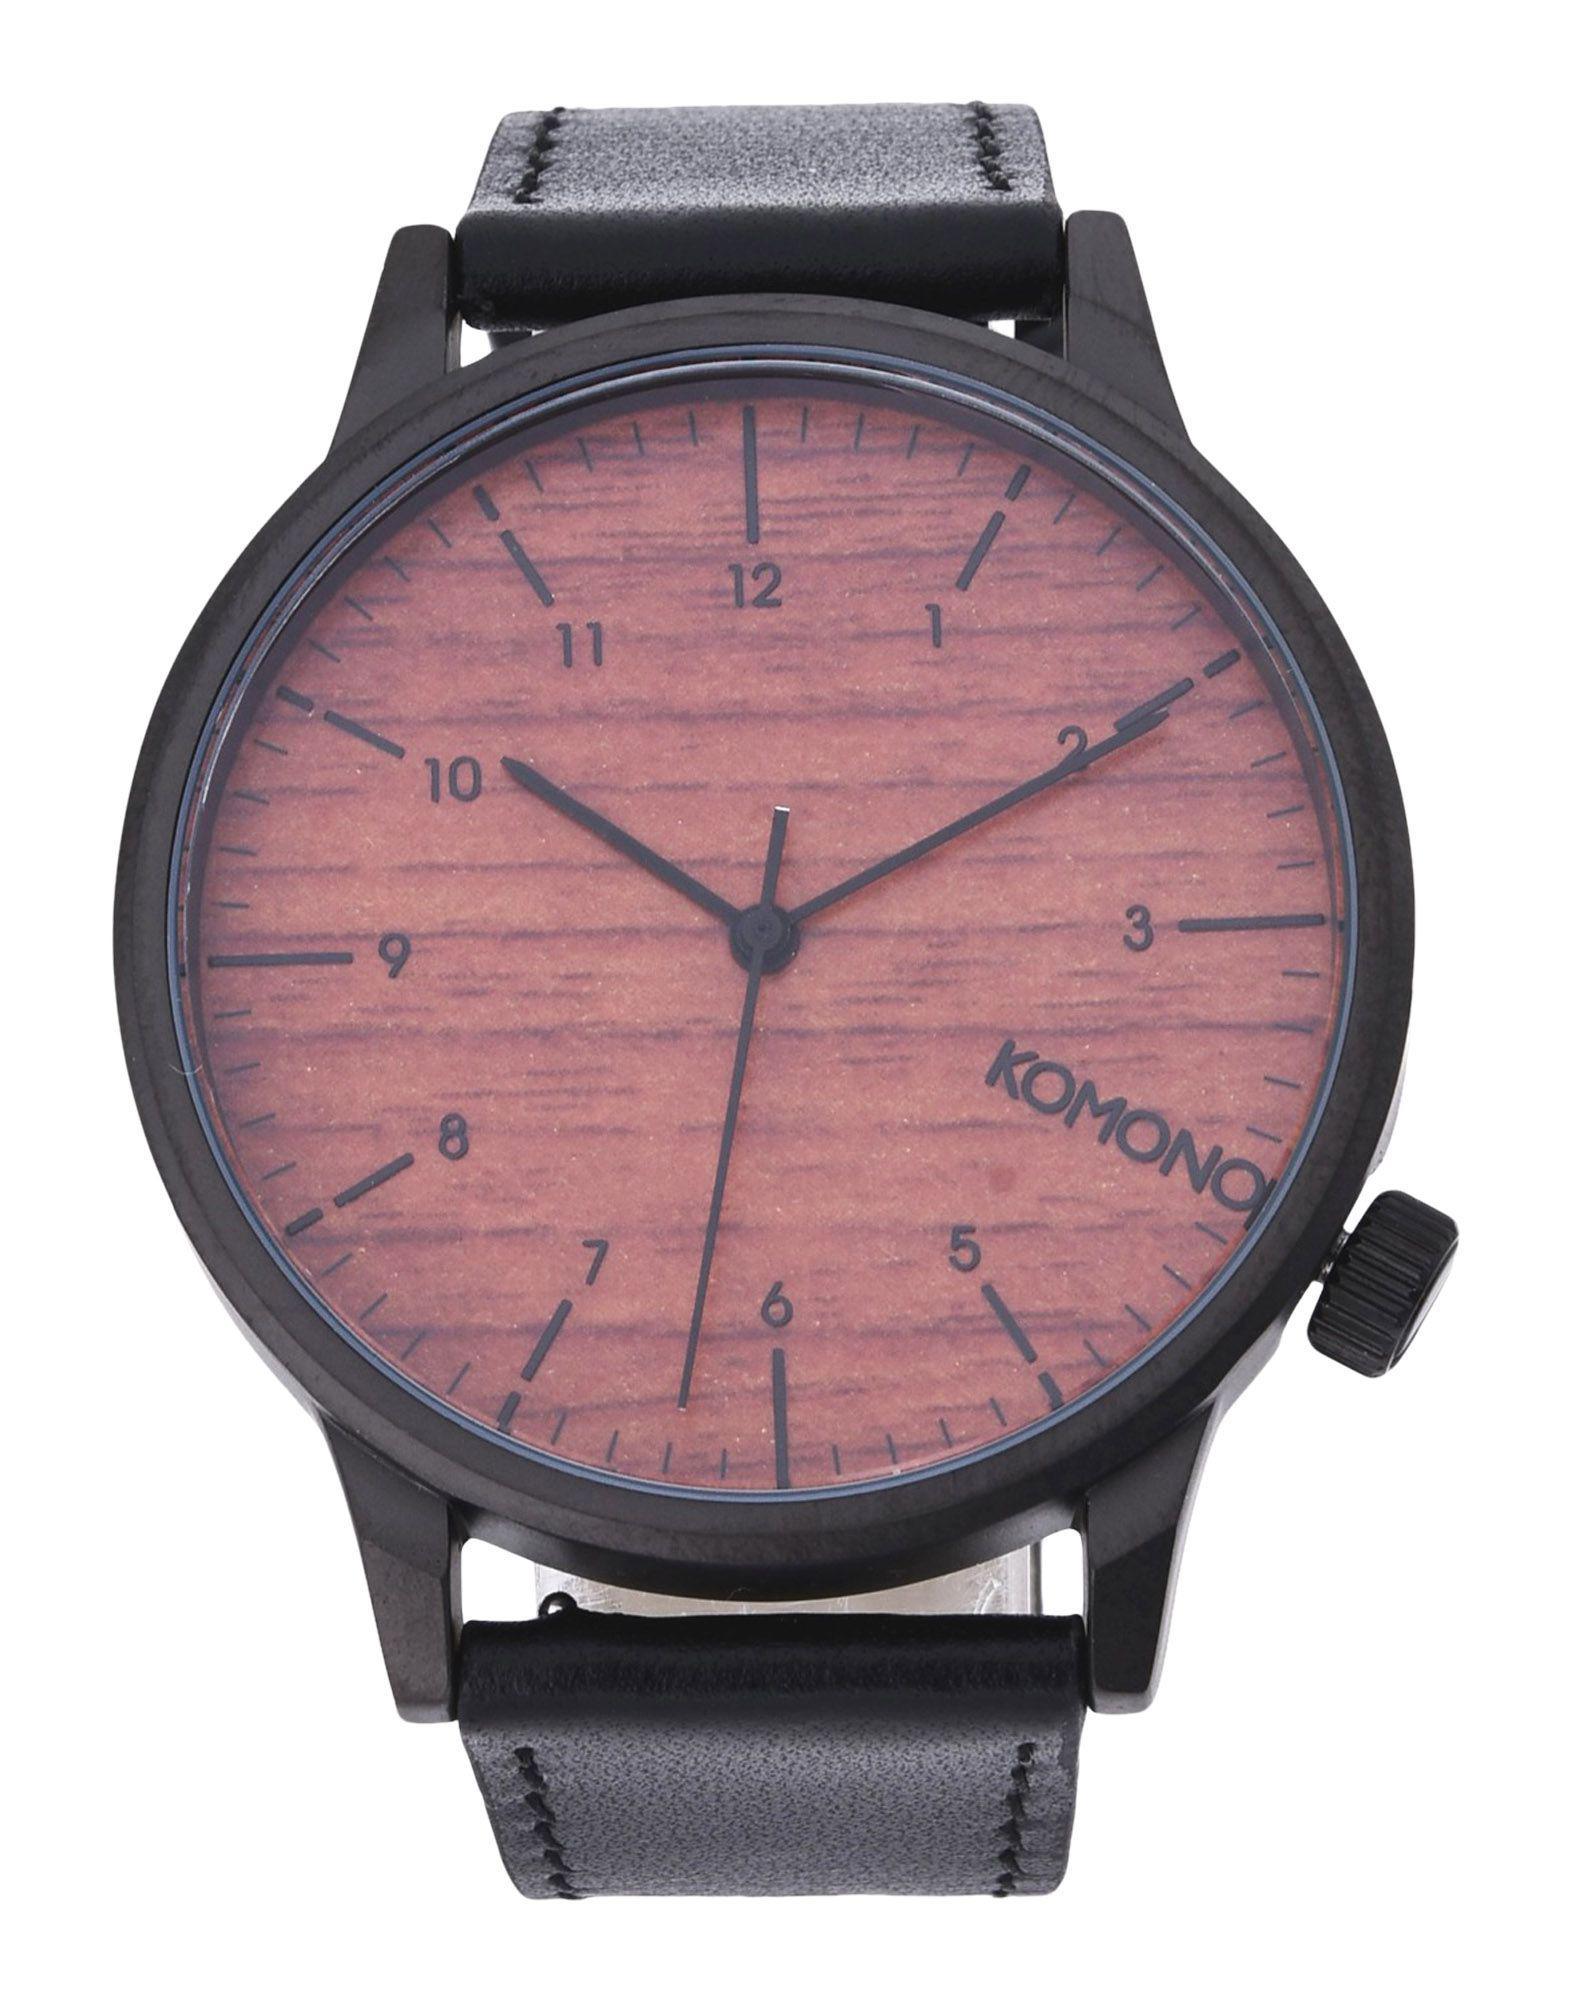 5d8947a54938 Reloj de pulsera Komono de hombre de color Marrón - Lyst